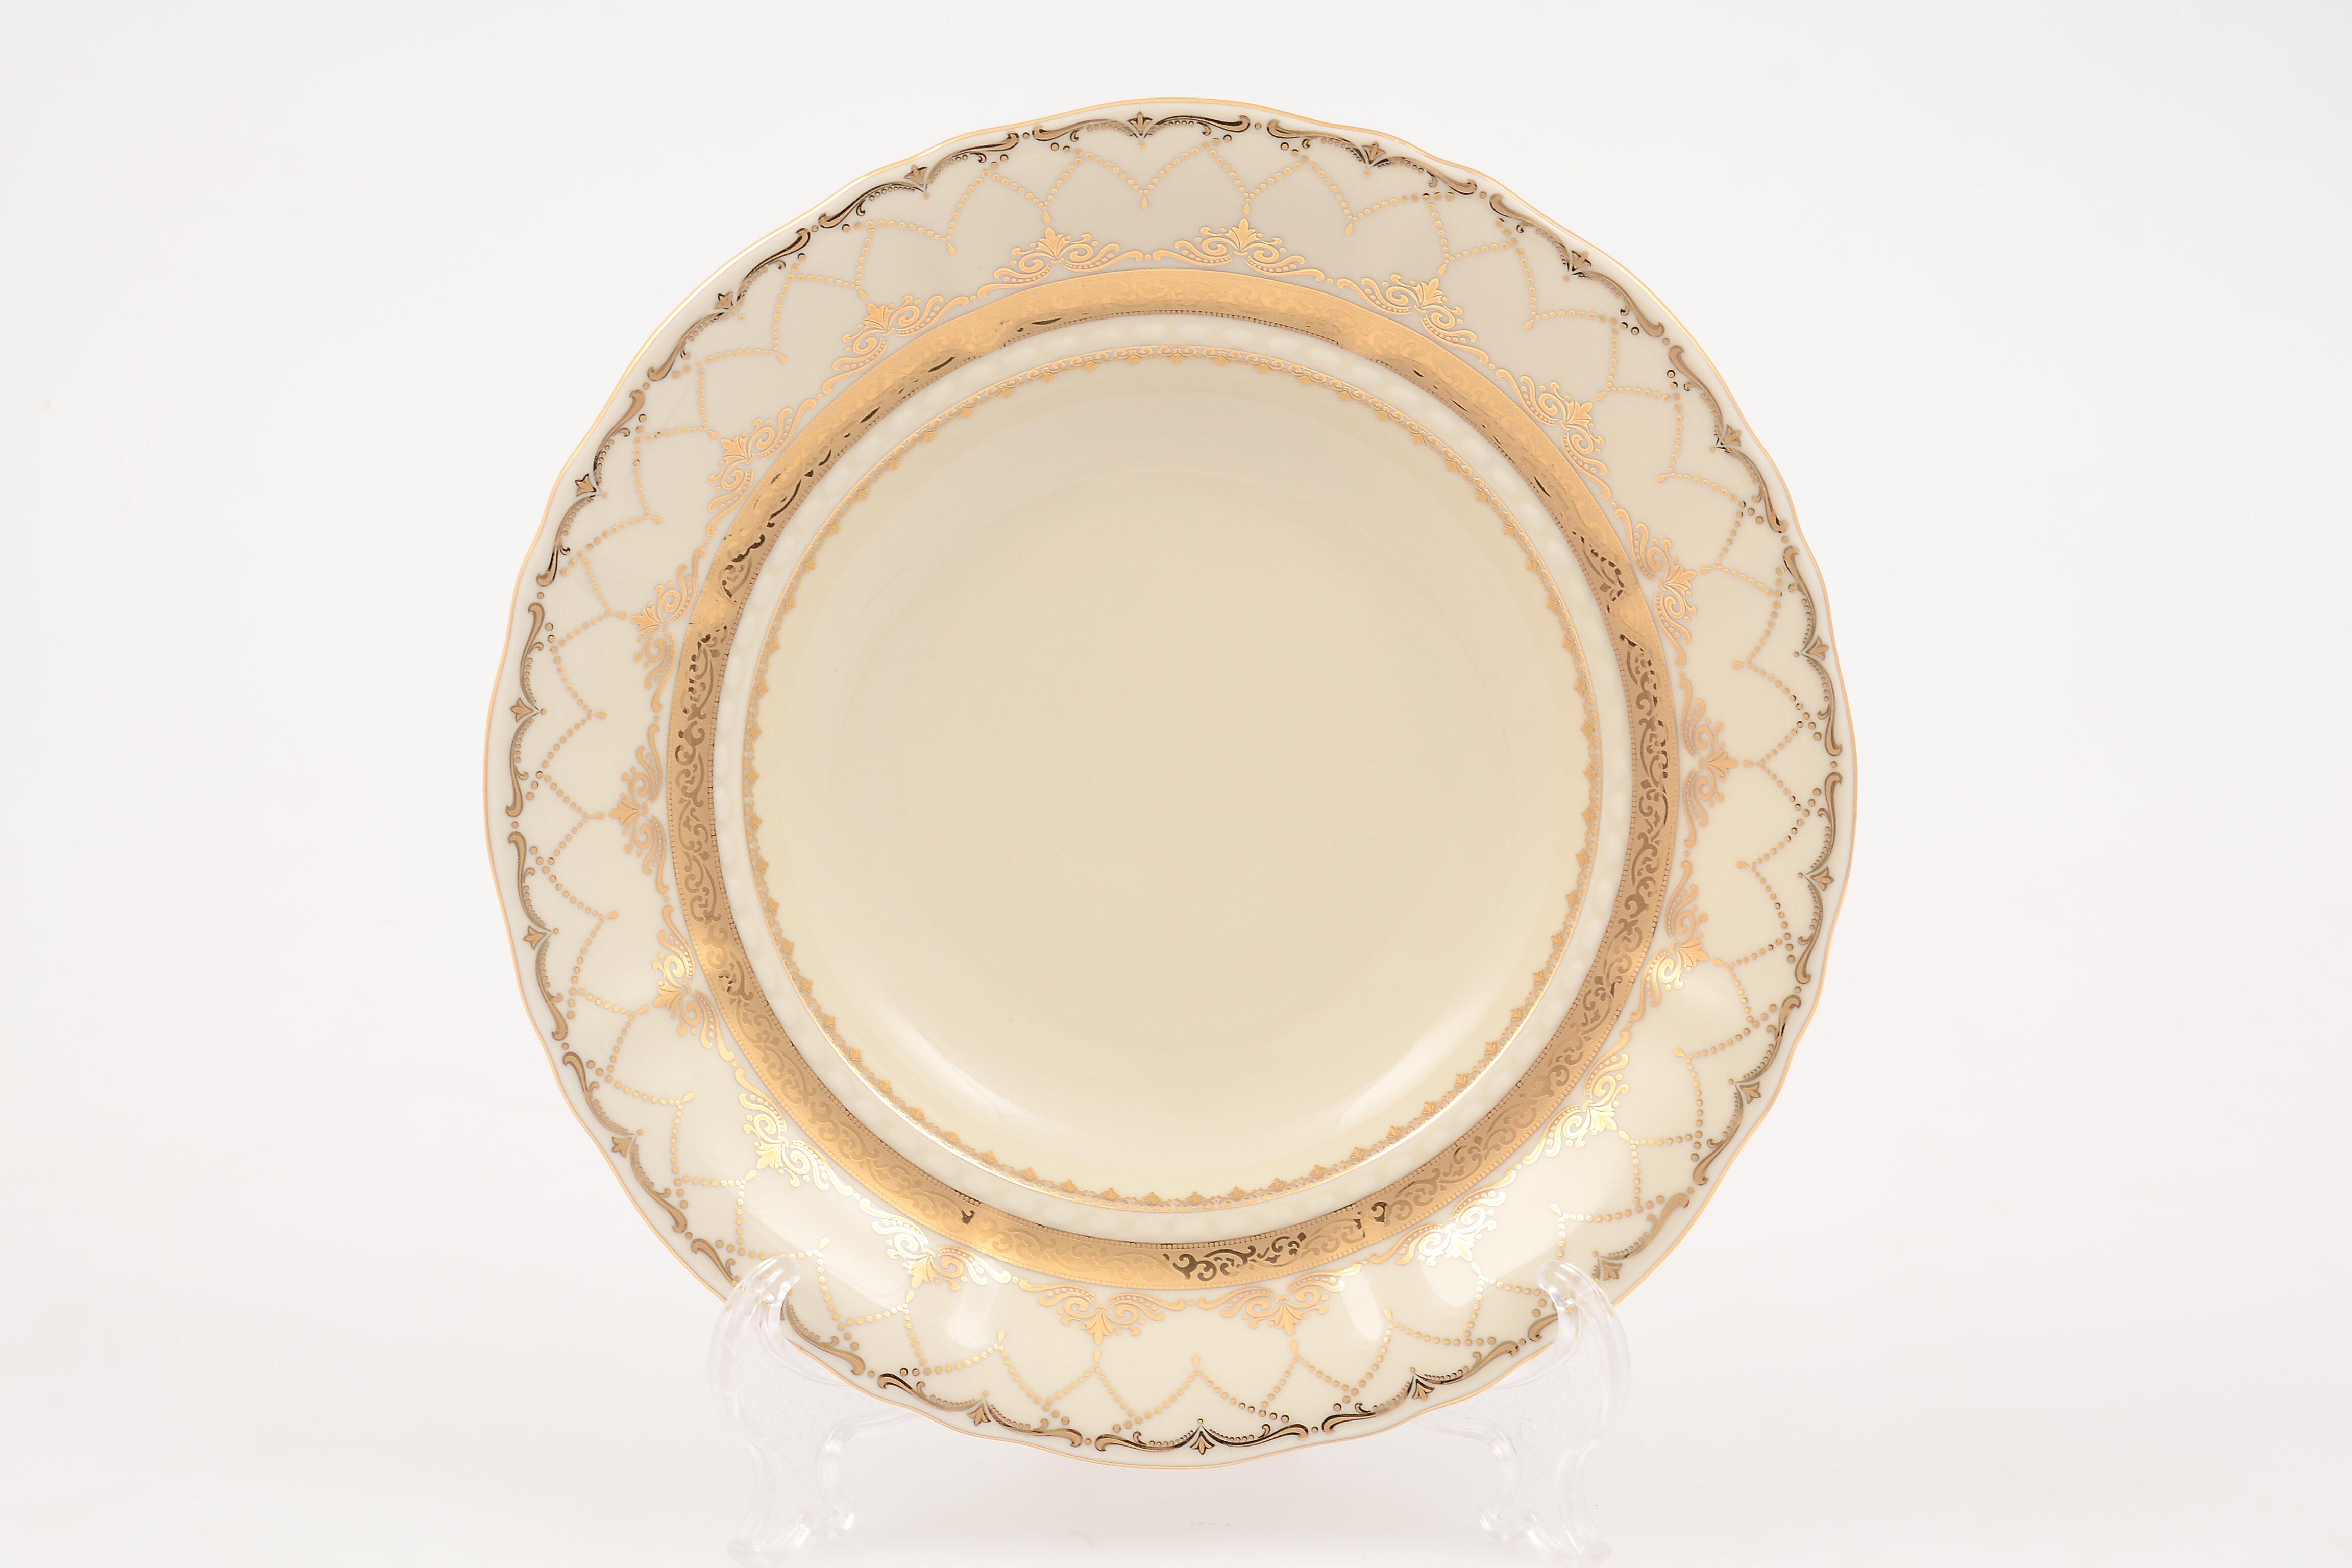 Набор глубоких тарелок 23 см СОНАТА, декор ЗОЛОТЫЕ УЗОРЫ 2517, фарфор цвета слоновой кости, от Leander, 6 шт.